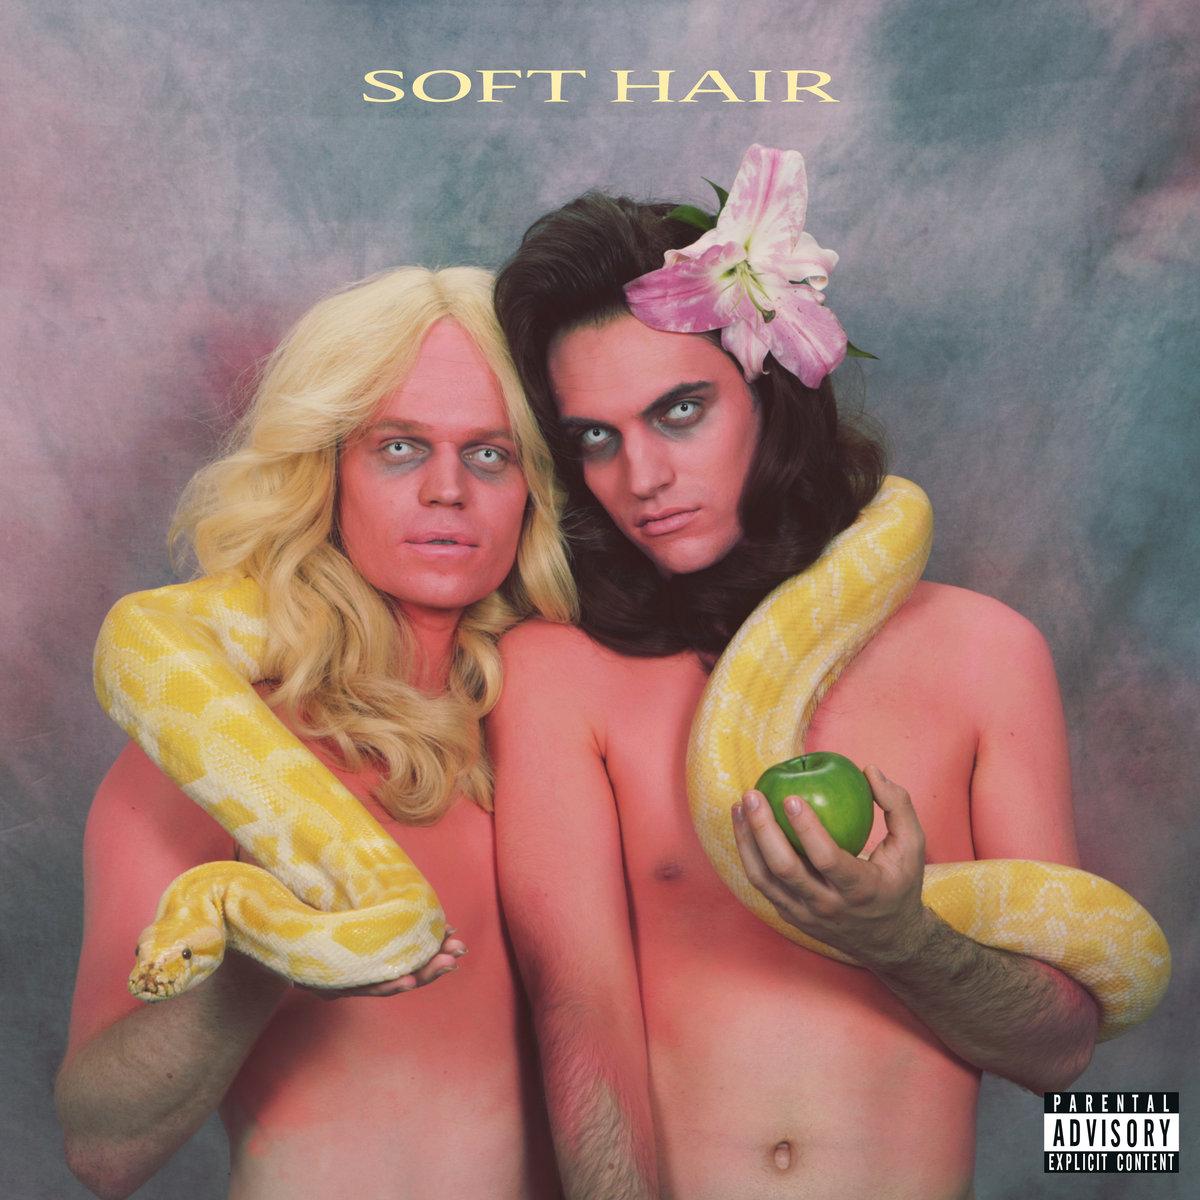 Qu'écoutez-vous en ce moment ? - Page 6 Soft_Hair_-_Soft_Hair